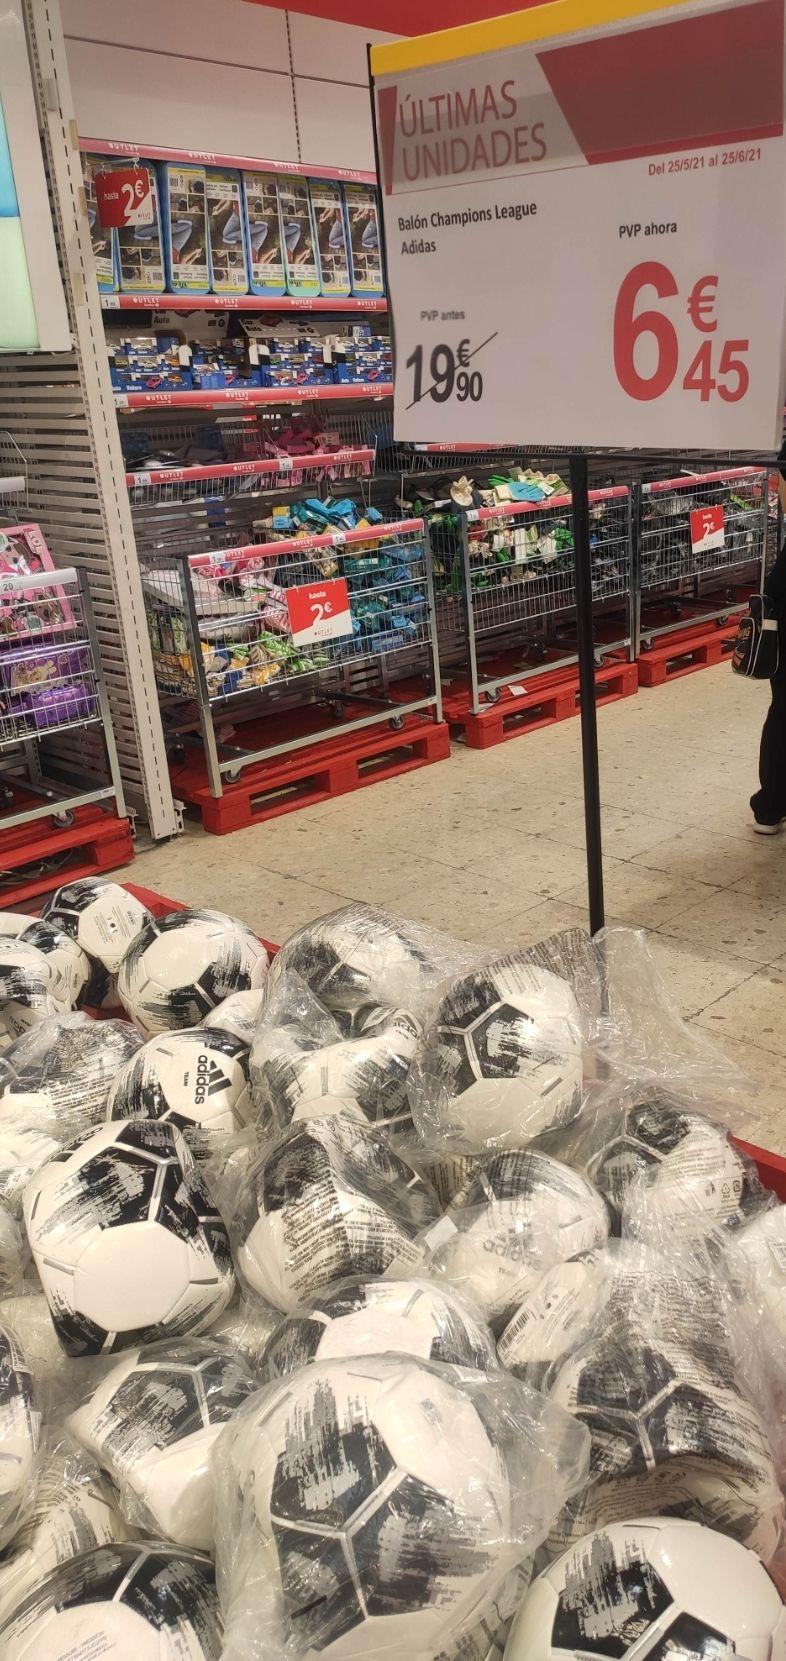 Balón champions league adidas (Alfafar, Valencia)